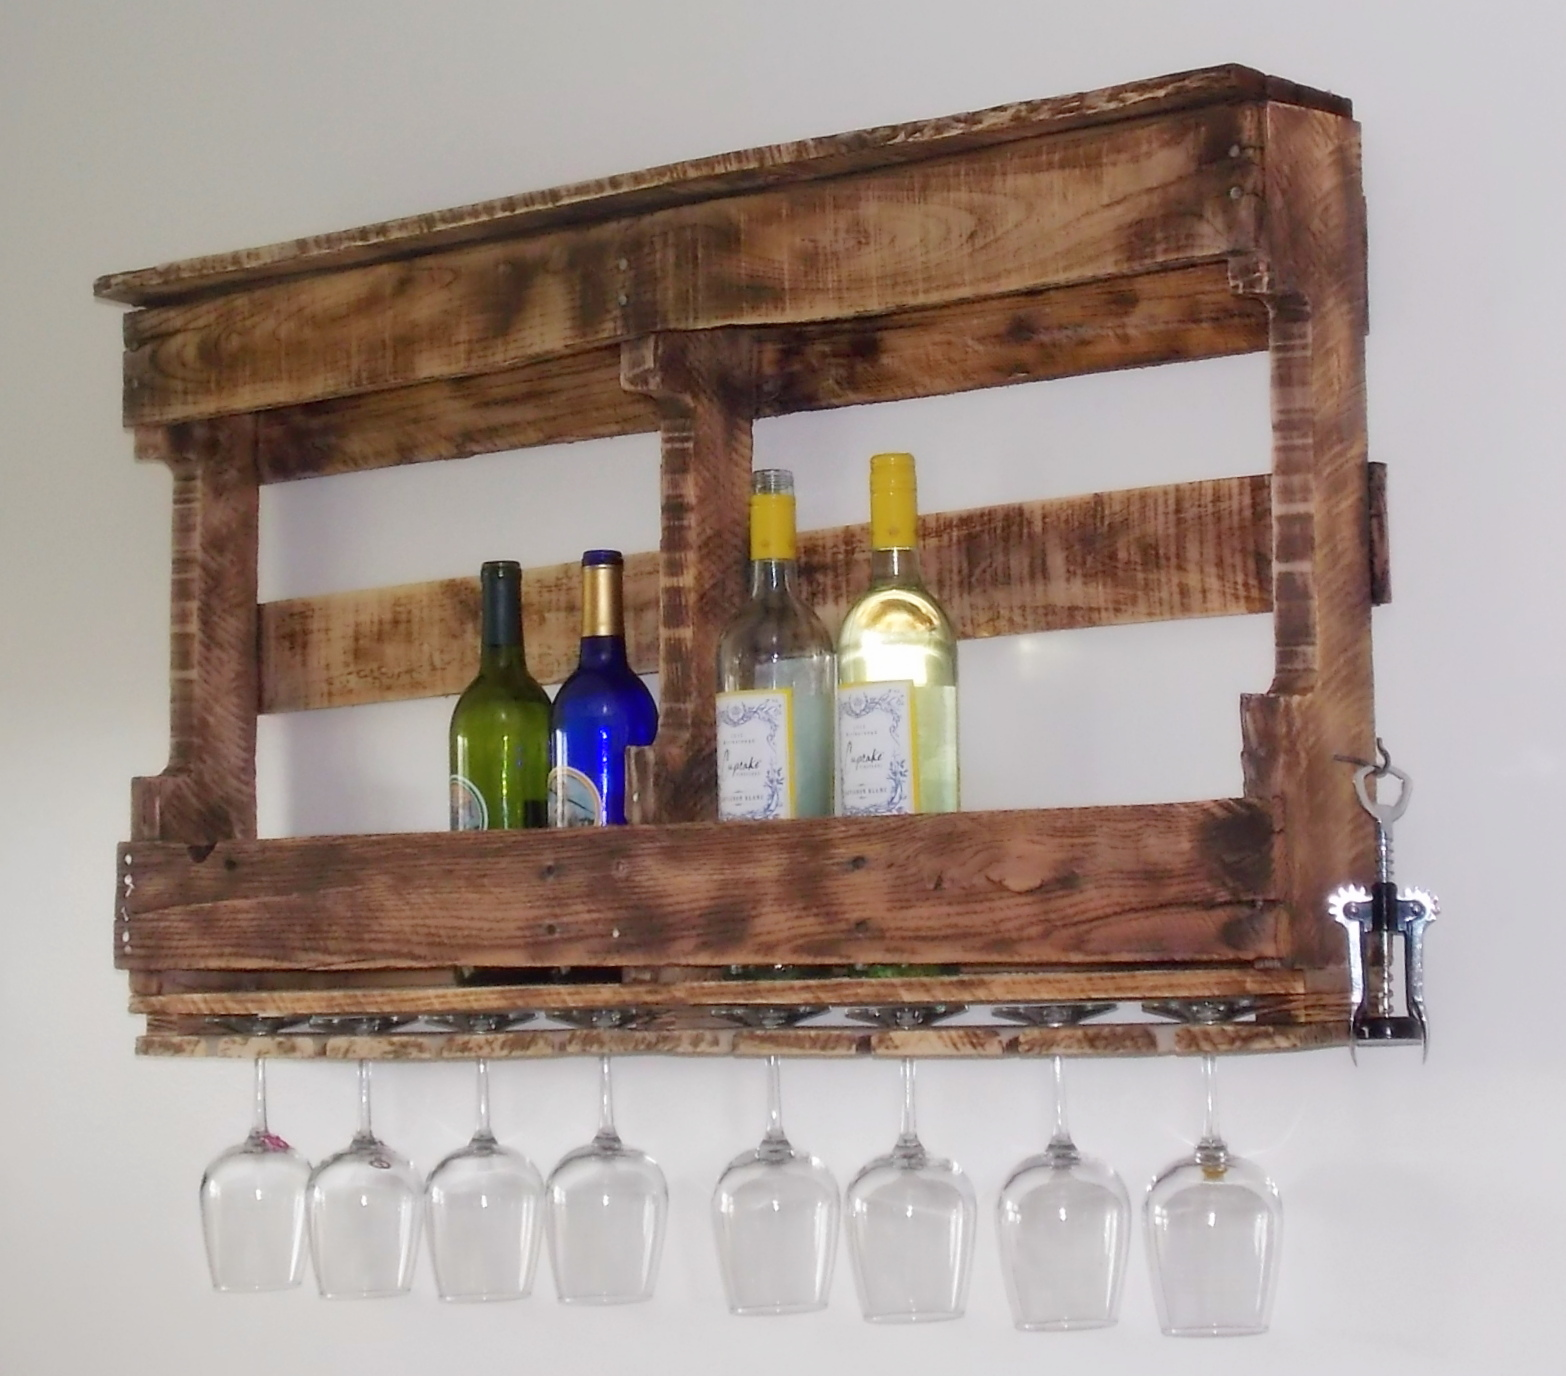 pallet wine rack plans pdf woodworking. Black Bedroom Furniture Sets. Home Design Ideas